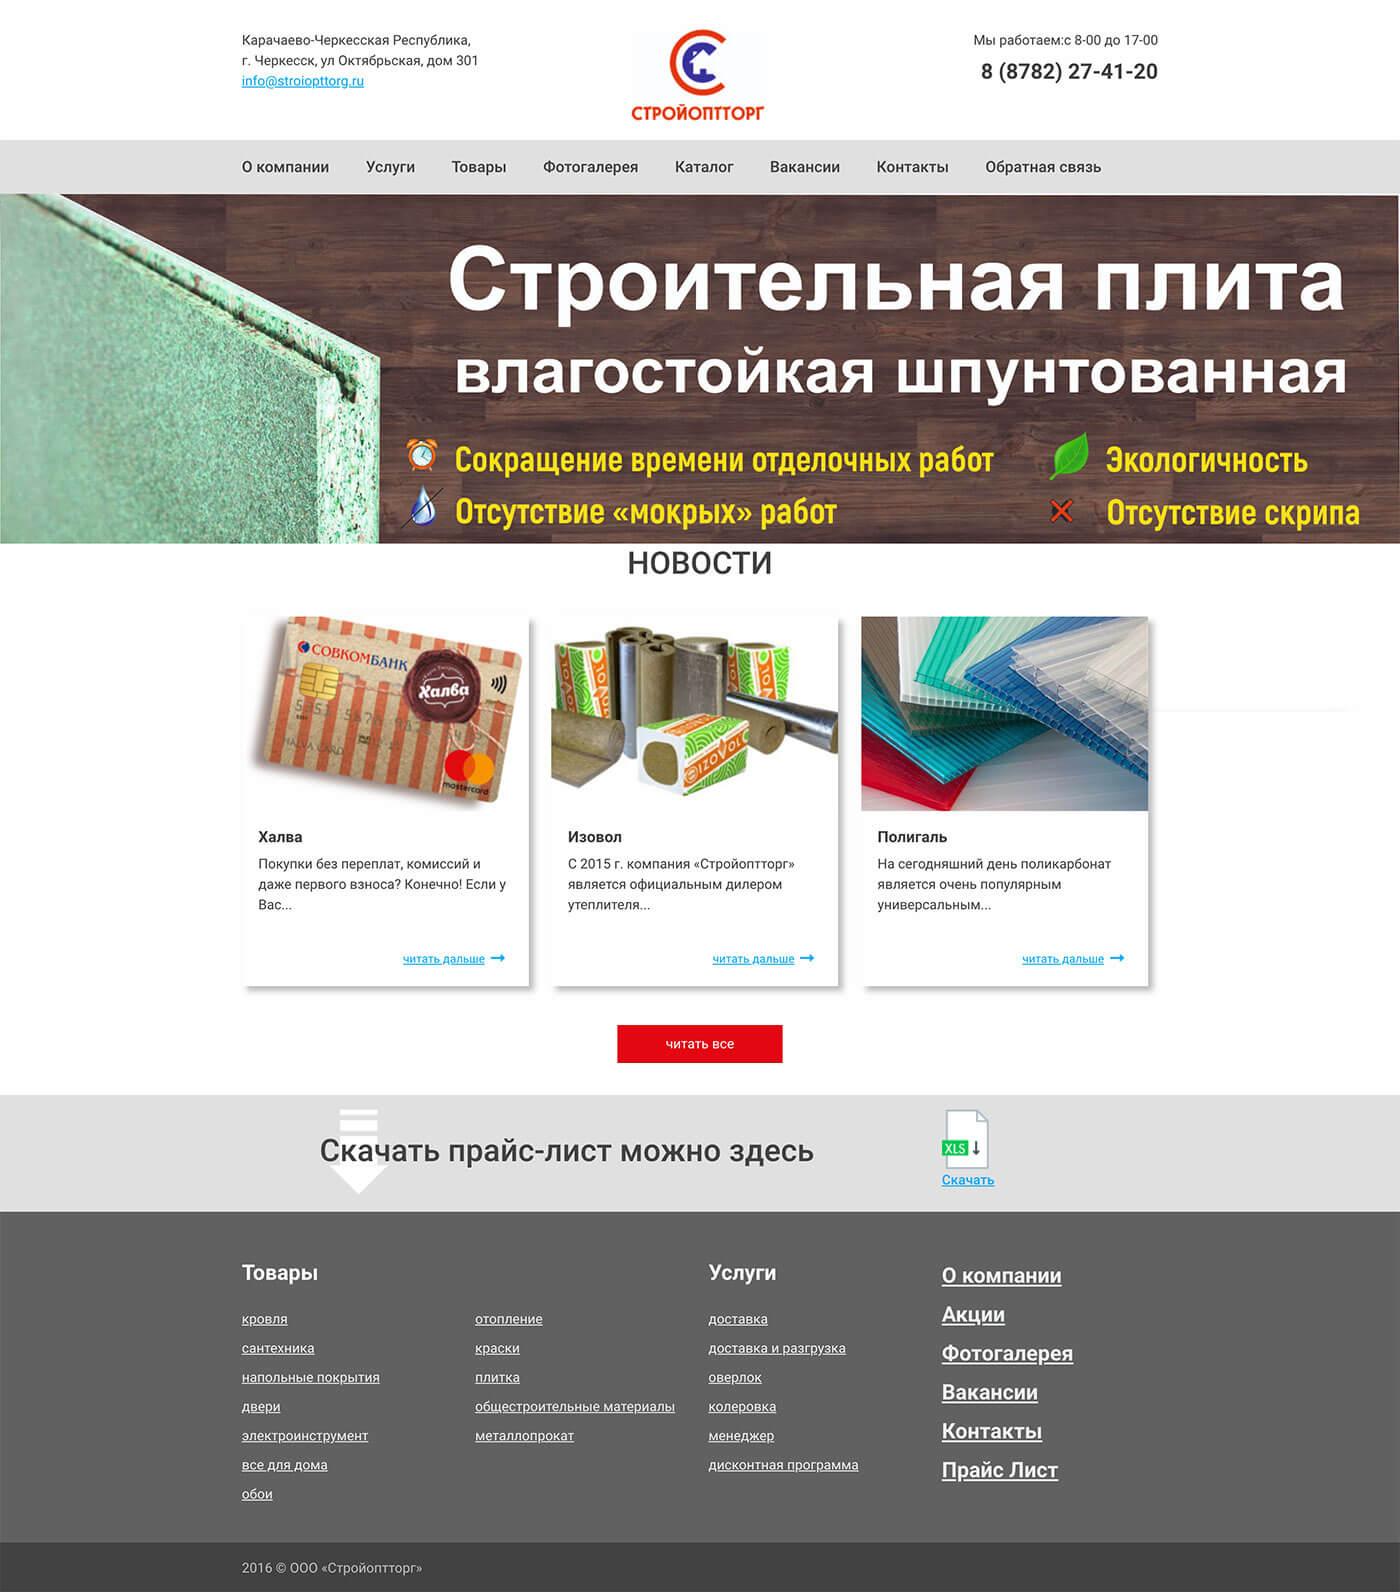 Официальный сайт строительного магазина Стройоптторг в г. Черкесске